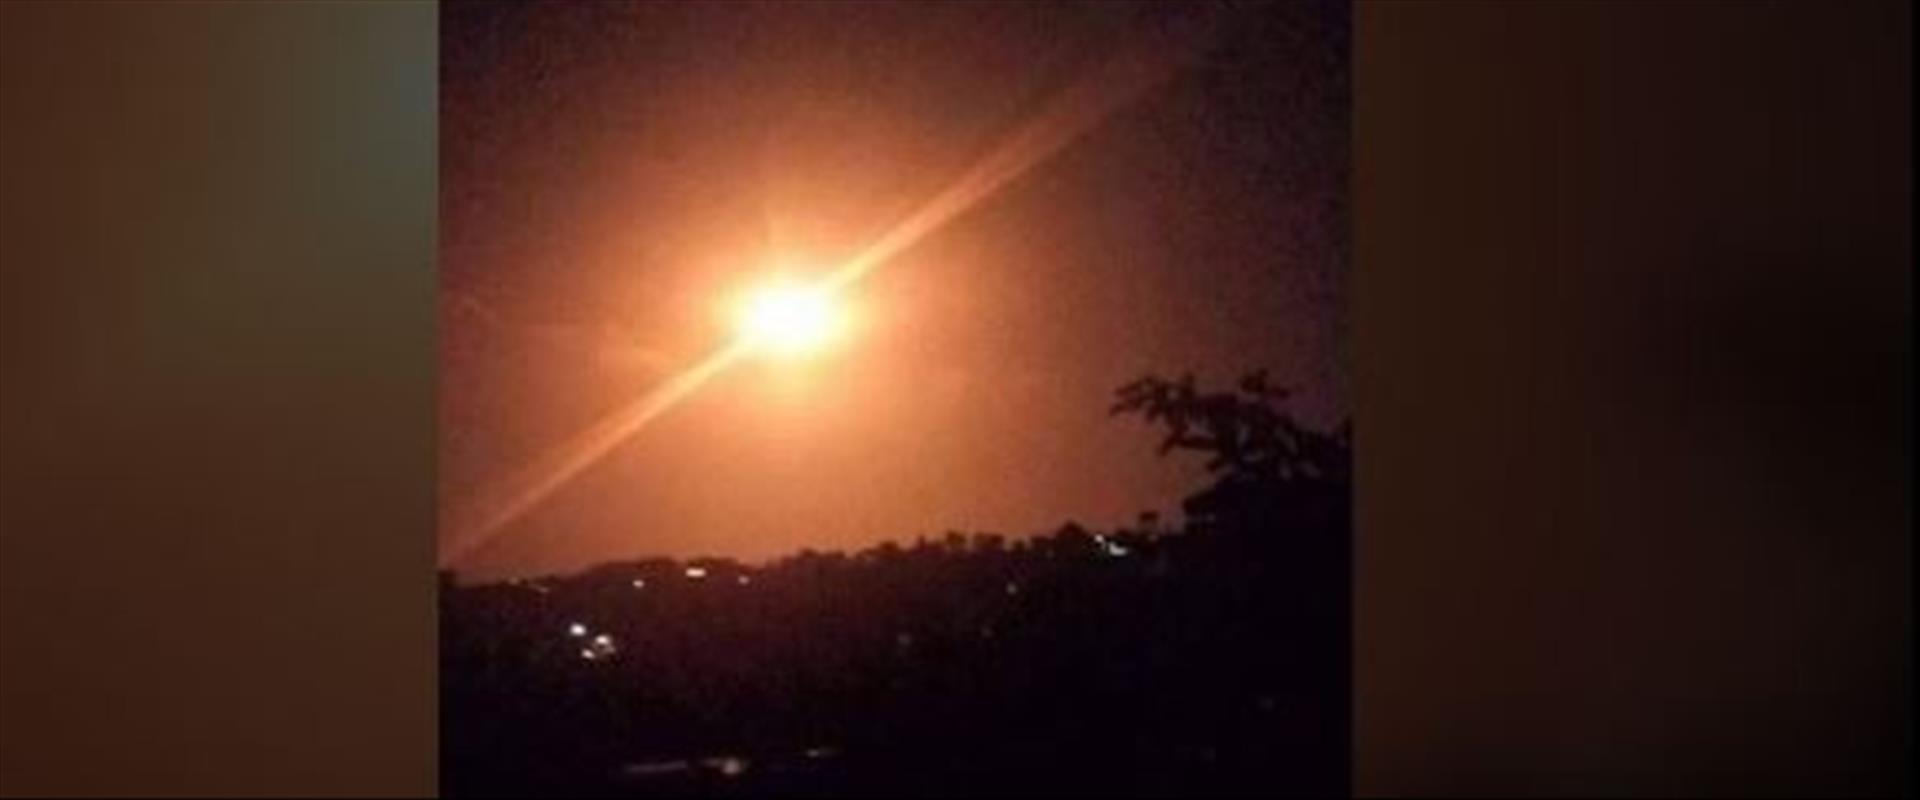 ניסיונות יירוט התקיפה באזור מסיאף, הלילה